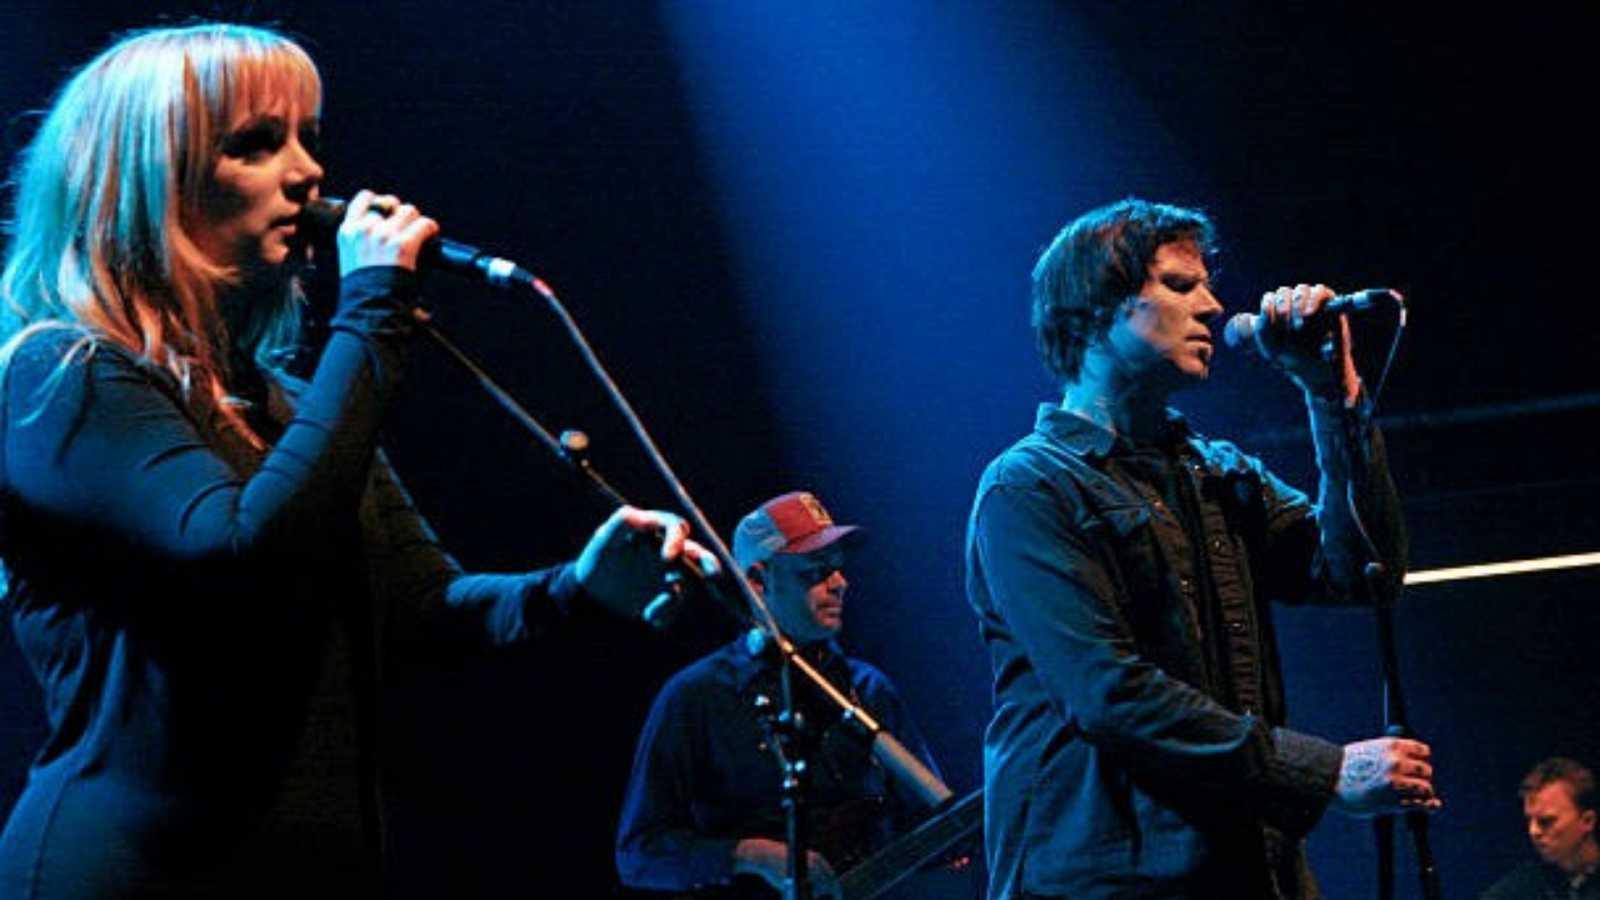 Saltamontes - Actualidad: Algunos de los mejores discos del momento - 10/05/21 - escuchar ahora